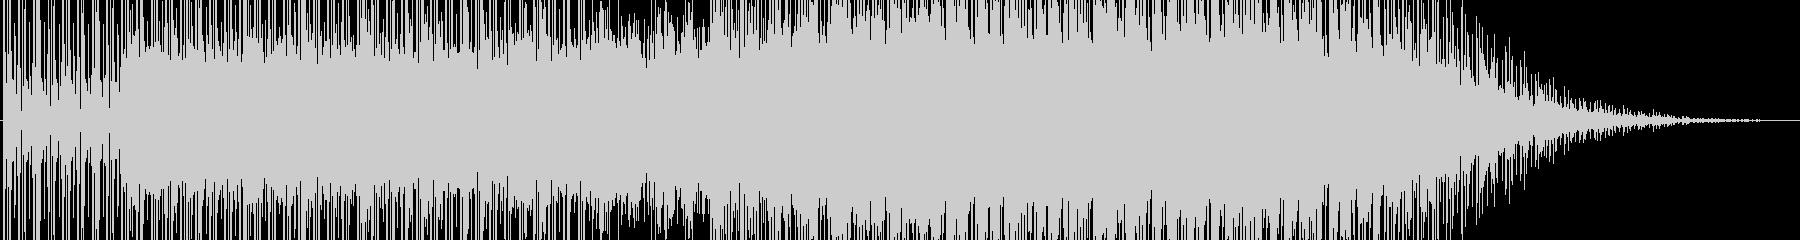 フルートの残響が綺麗なテクノの未再生の波形